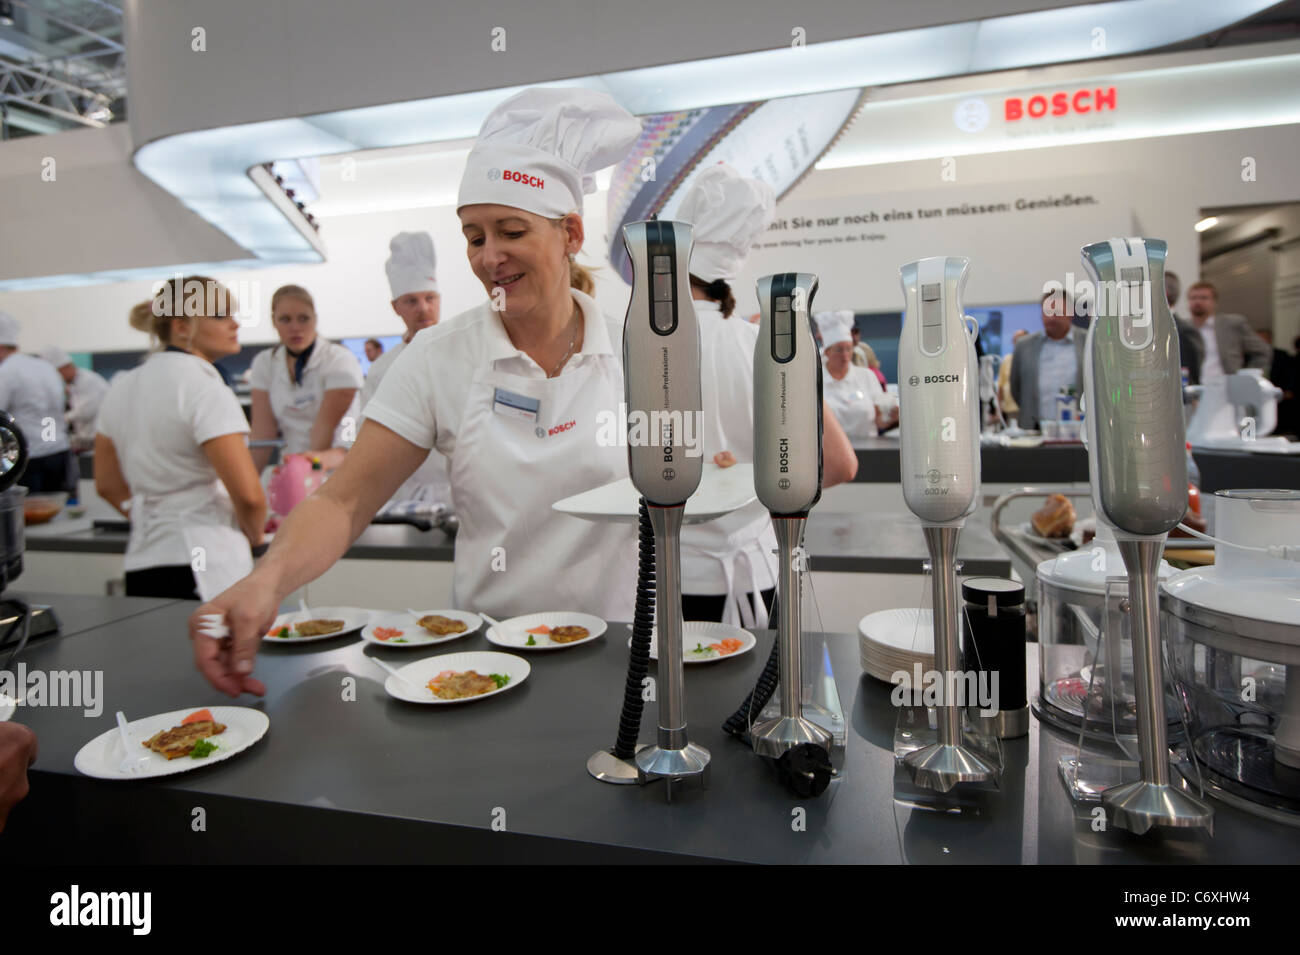 Display Bosch stand a IFA consumer electronics fiera commerciale di Berlino Germania 2011 Immagini Stock